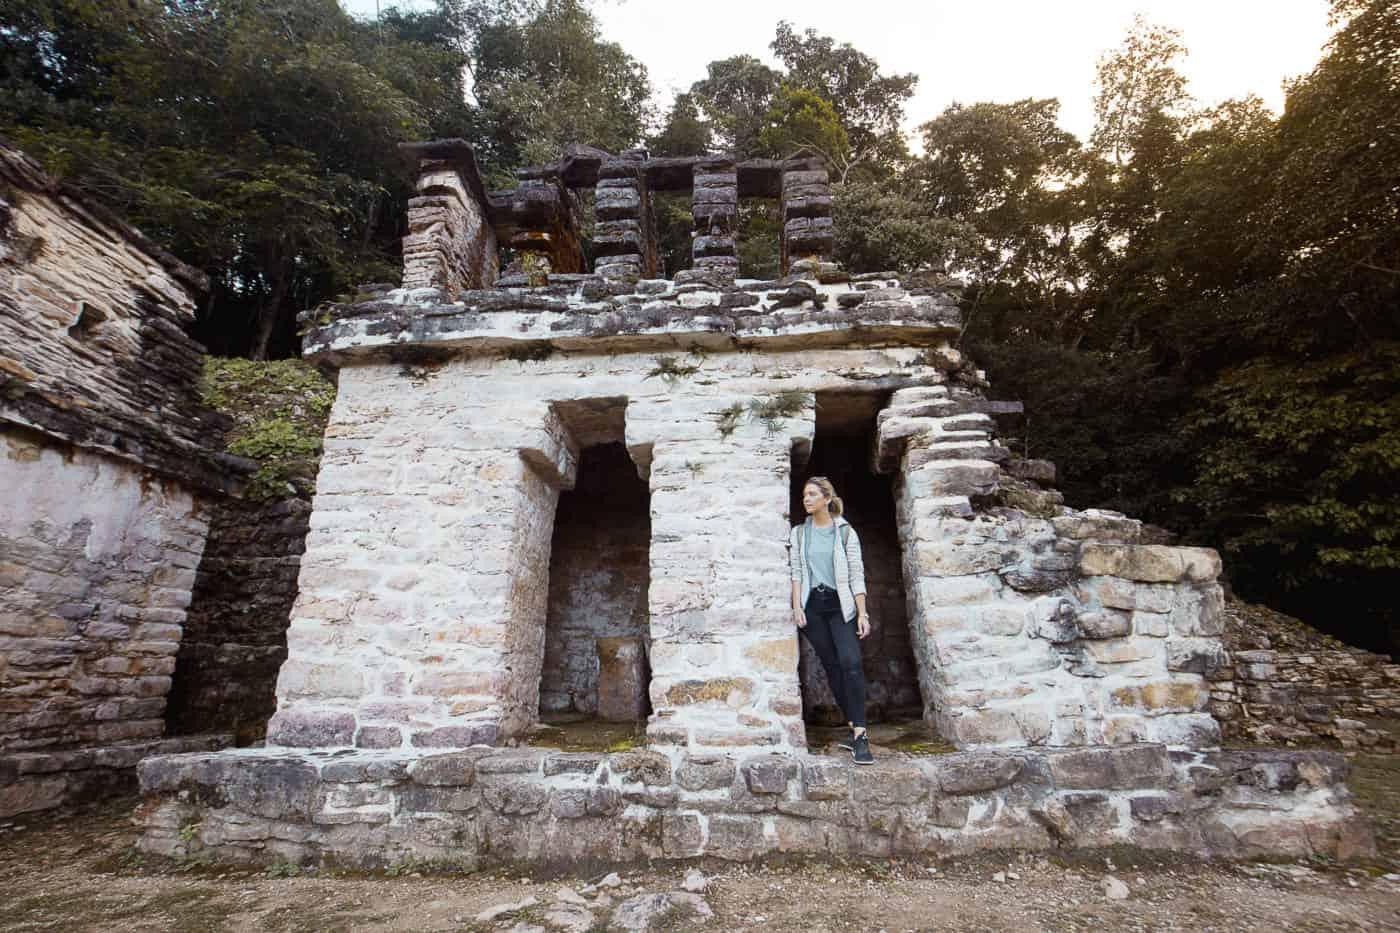 Bonampak Mayan ruins in Chiapas, Mexico